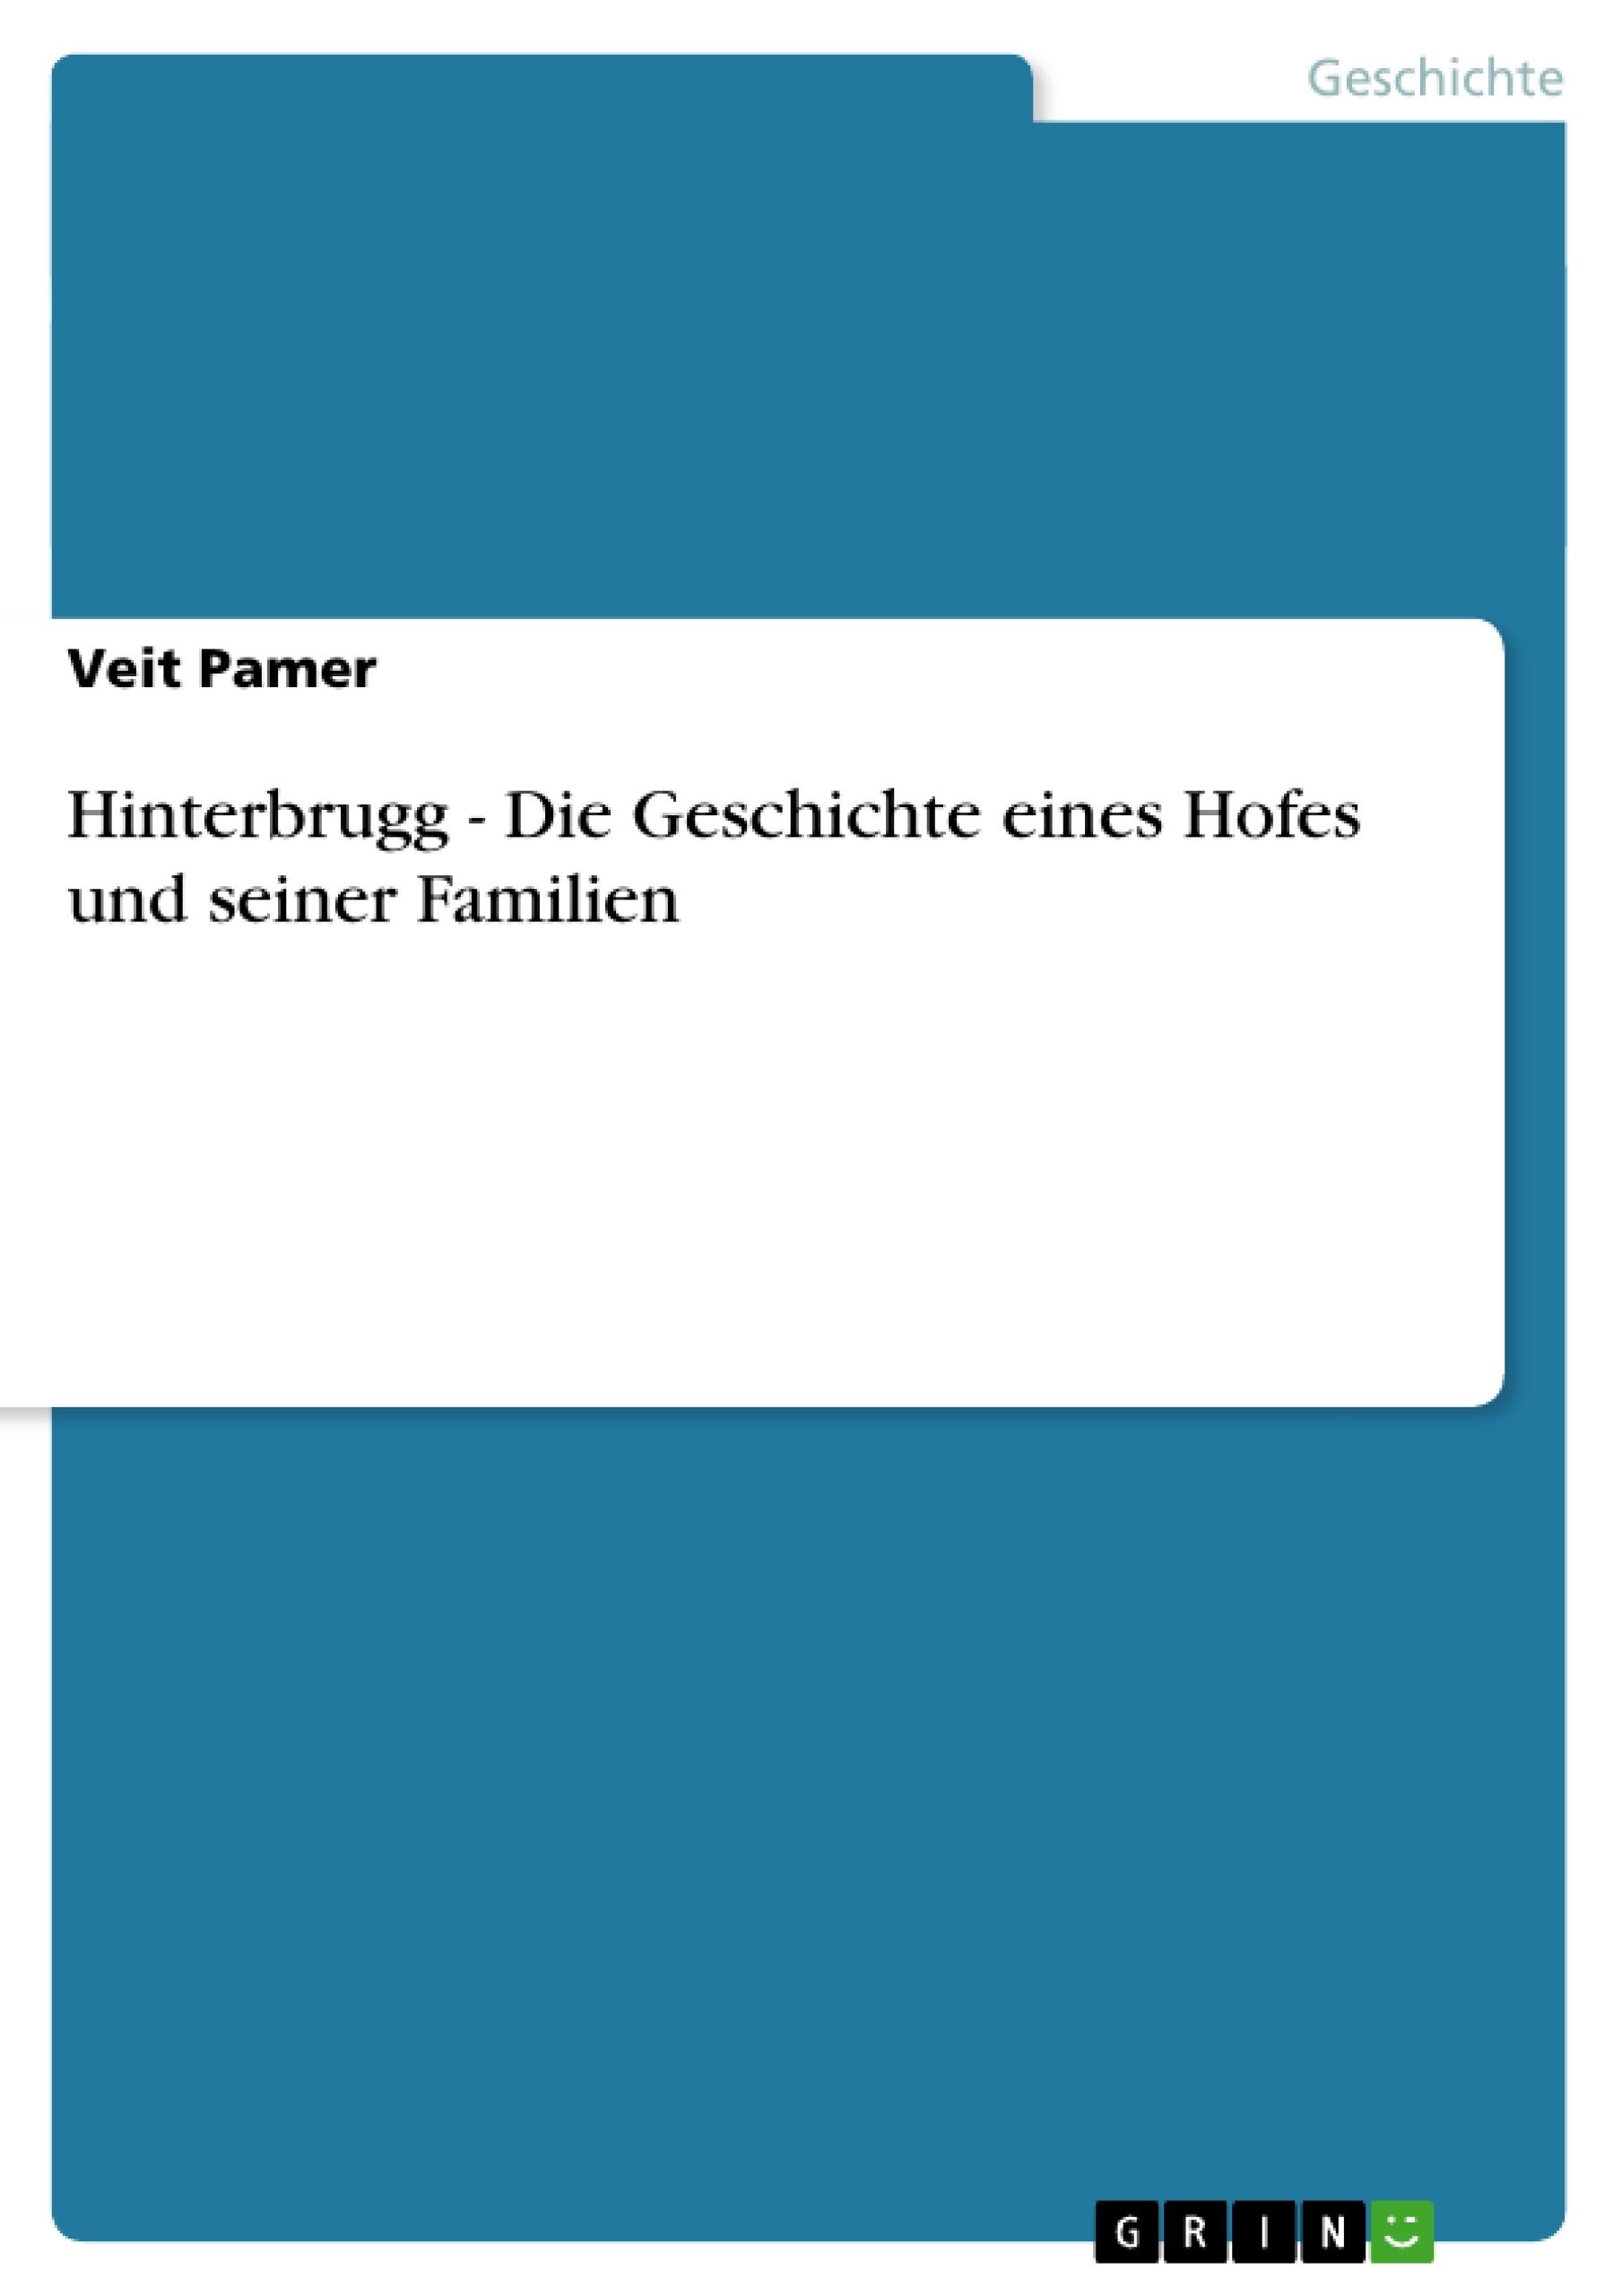 Titel: Hinterbrugg - Die Geschichte eines Hofes und seiner Familien